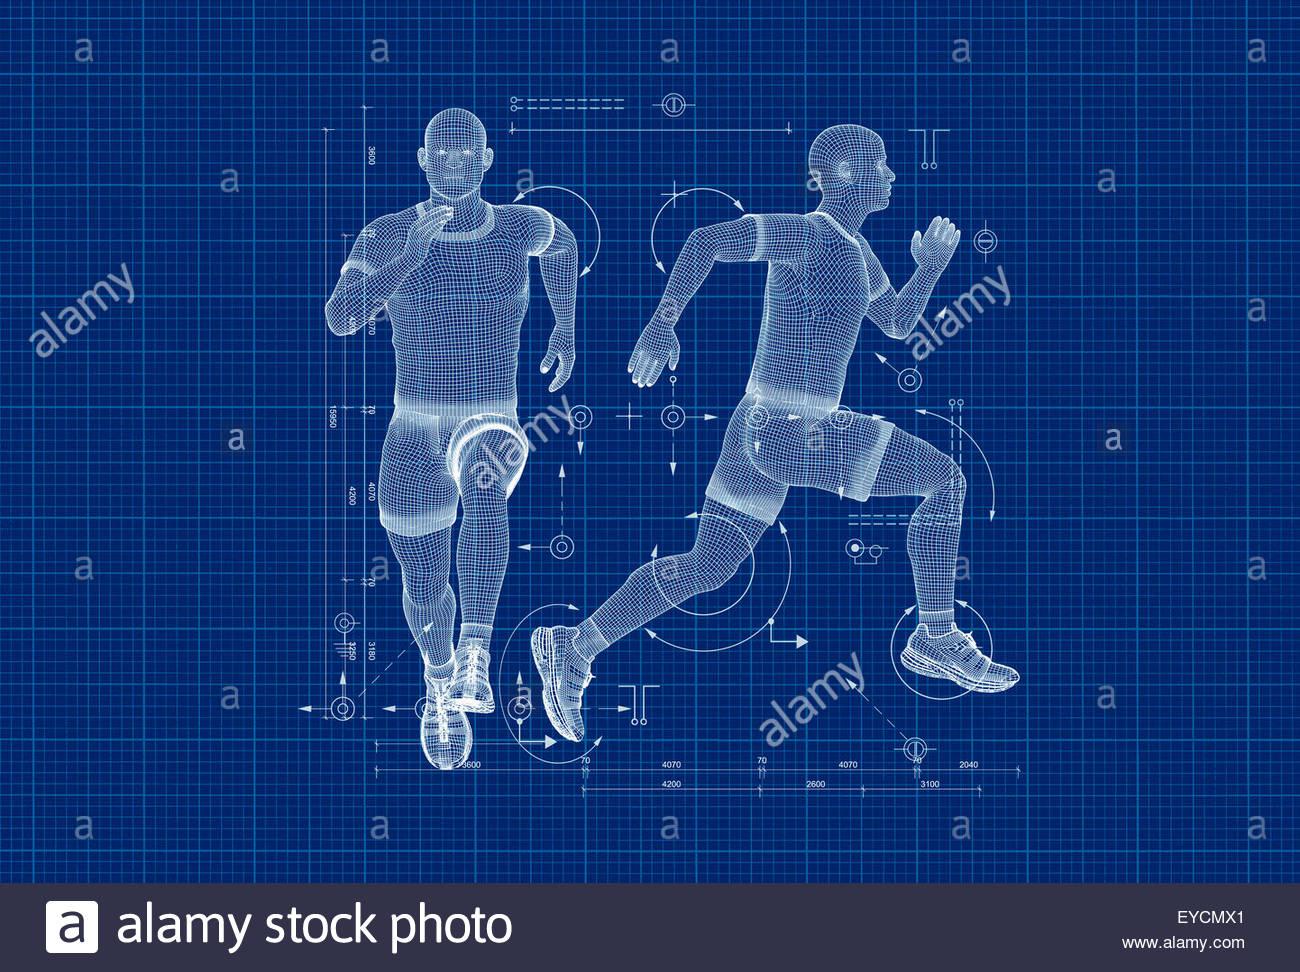 Anatomisches Modell und Diagramm der Mann läuft Stockbild